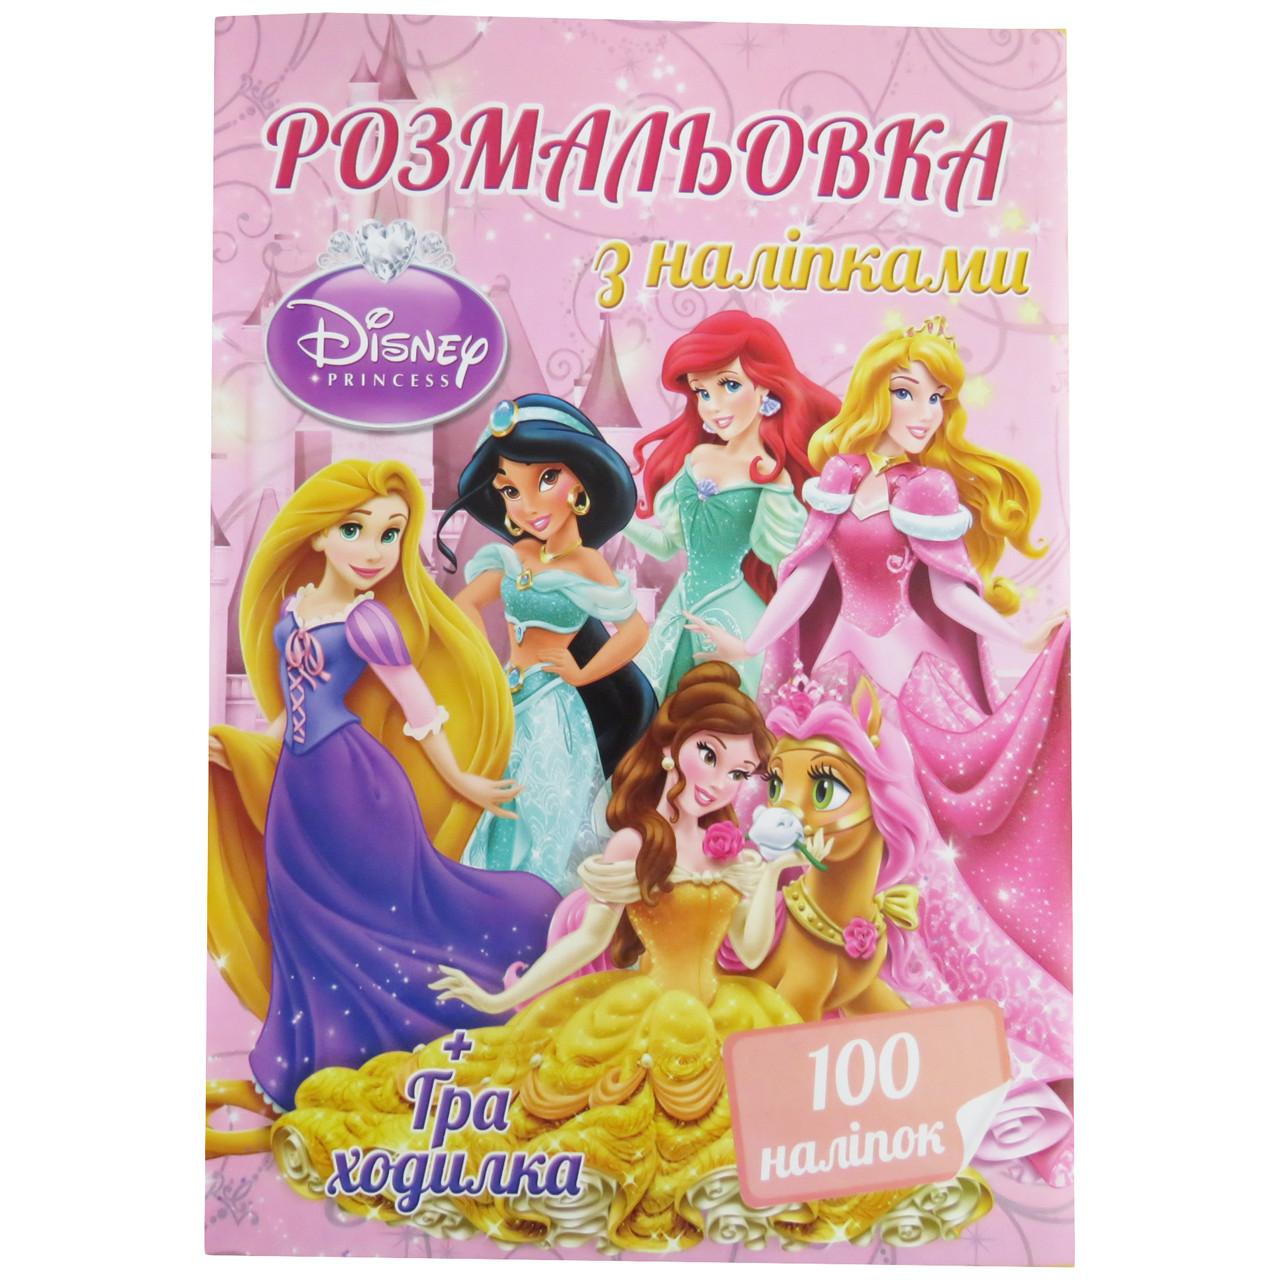 Раскраска А4 16 страниц, 100 наклеек, принцессы Дисней